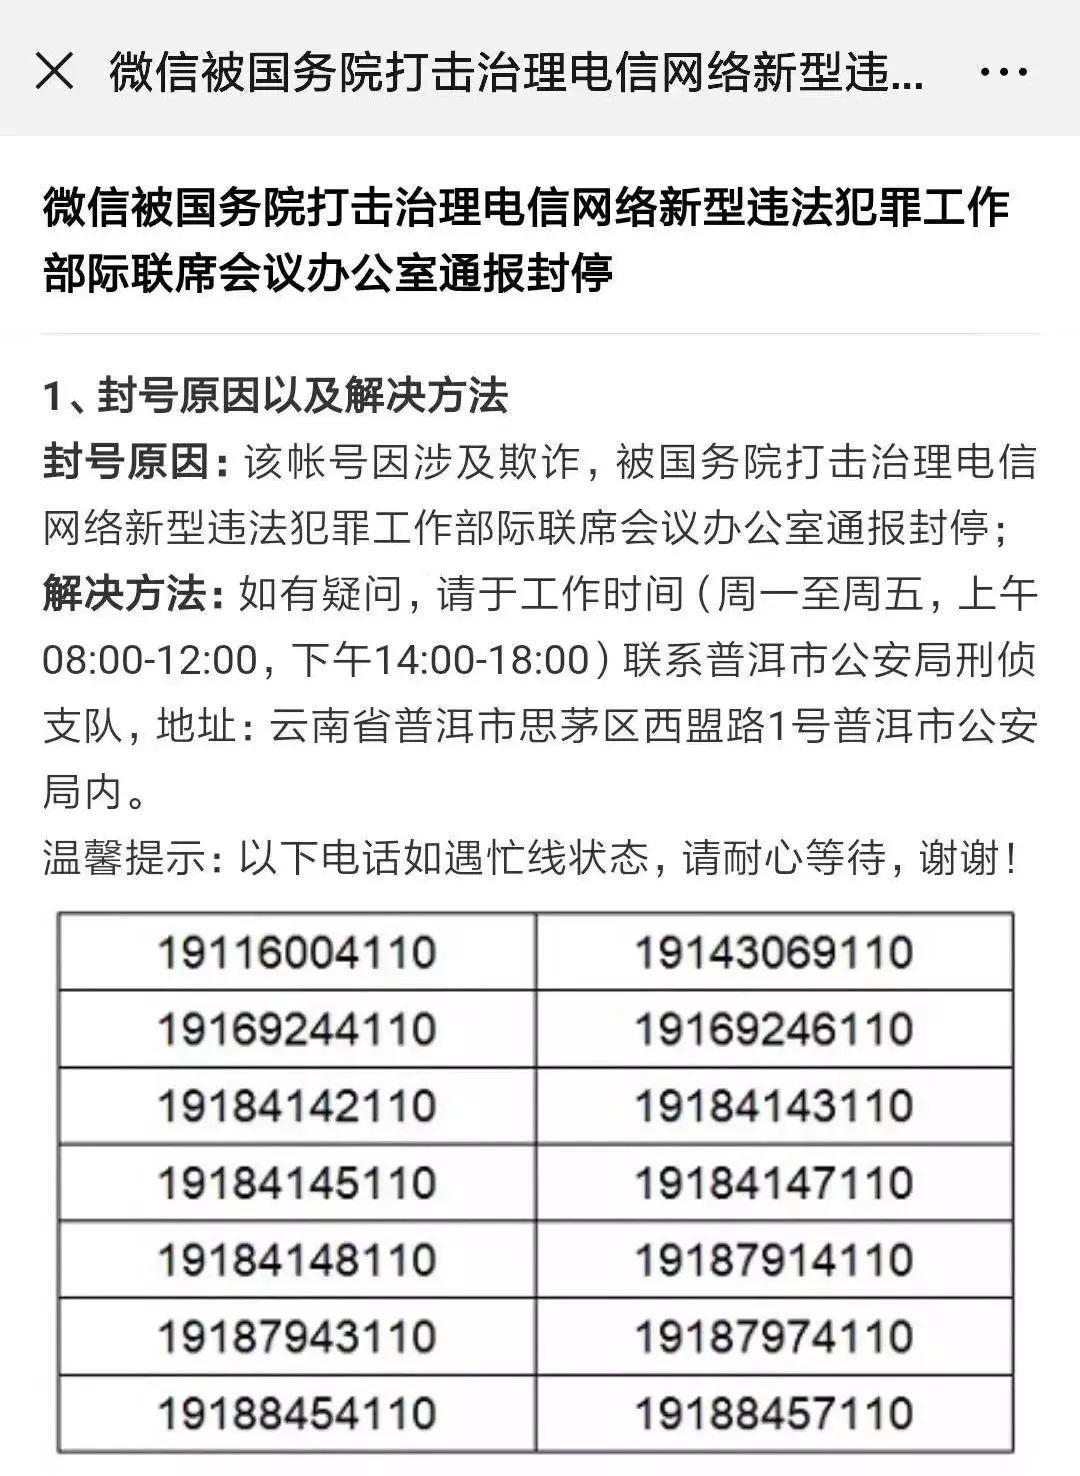 部分地方的QQ、微信、支付宝、POS机等社交和支付账户采取封停措施